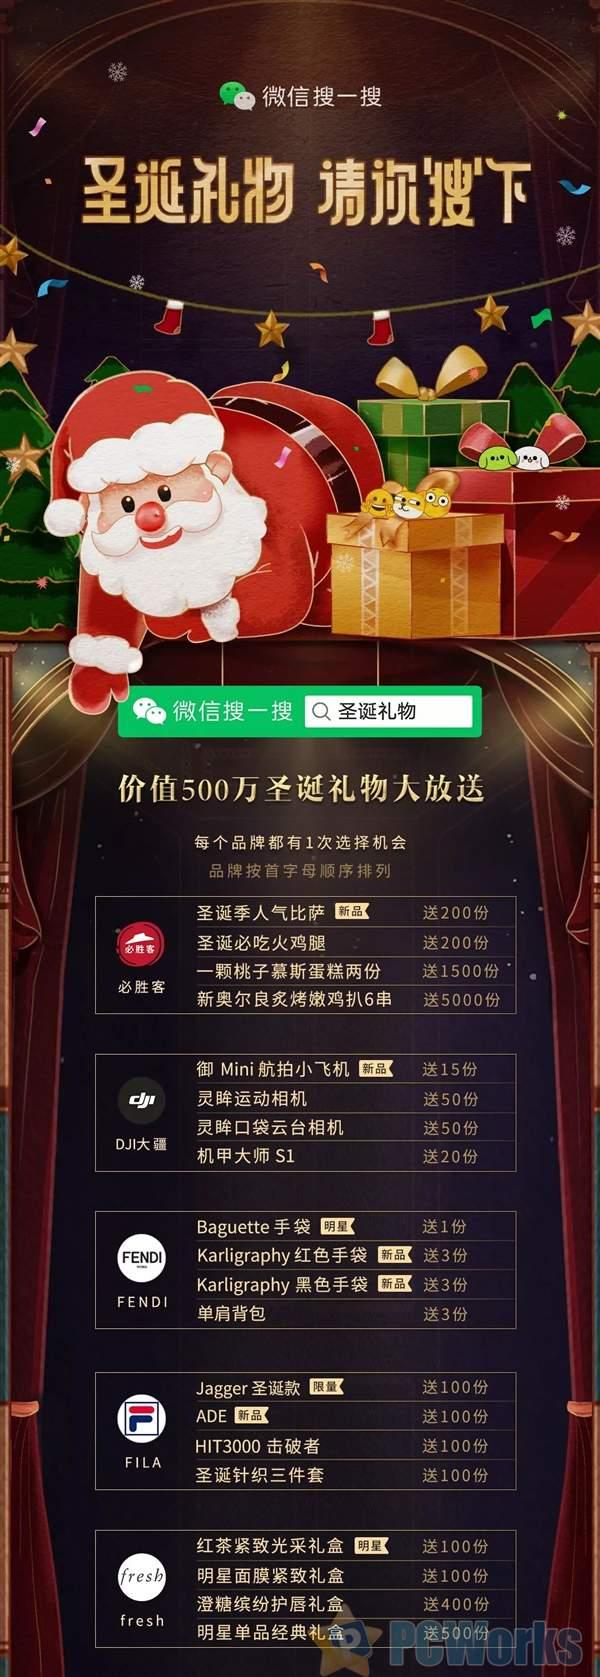 """微信搜一搜可许愿""""圣诞礼物"""" 价值500万"""